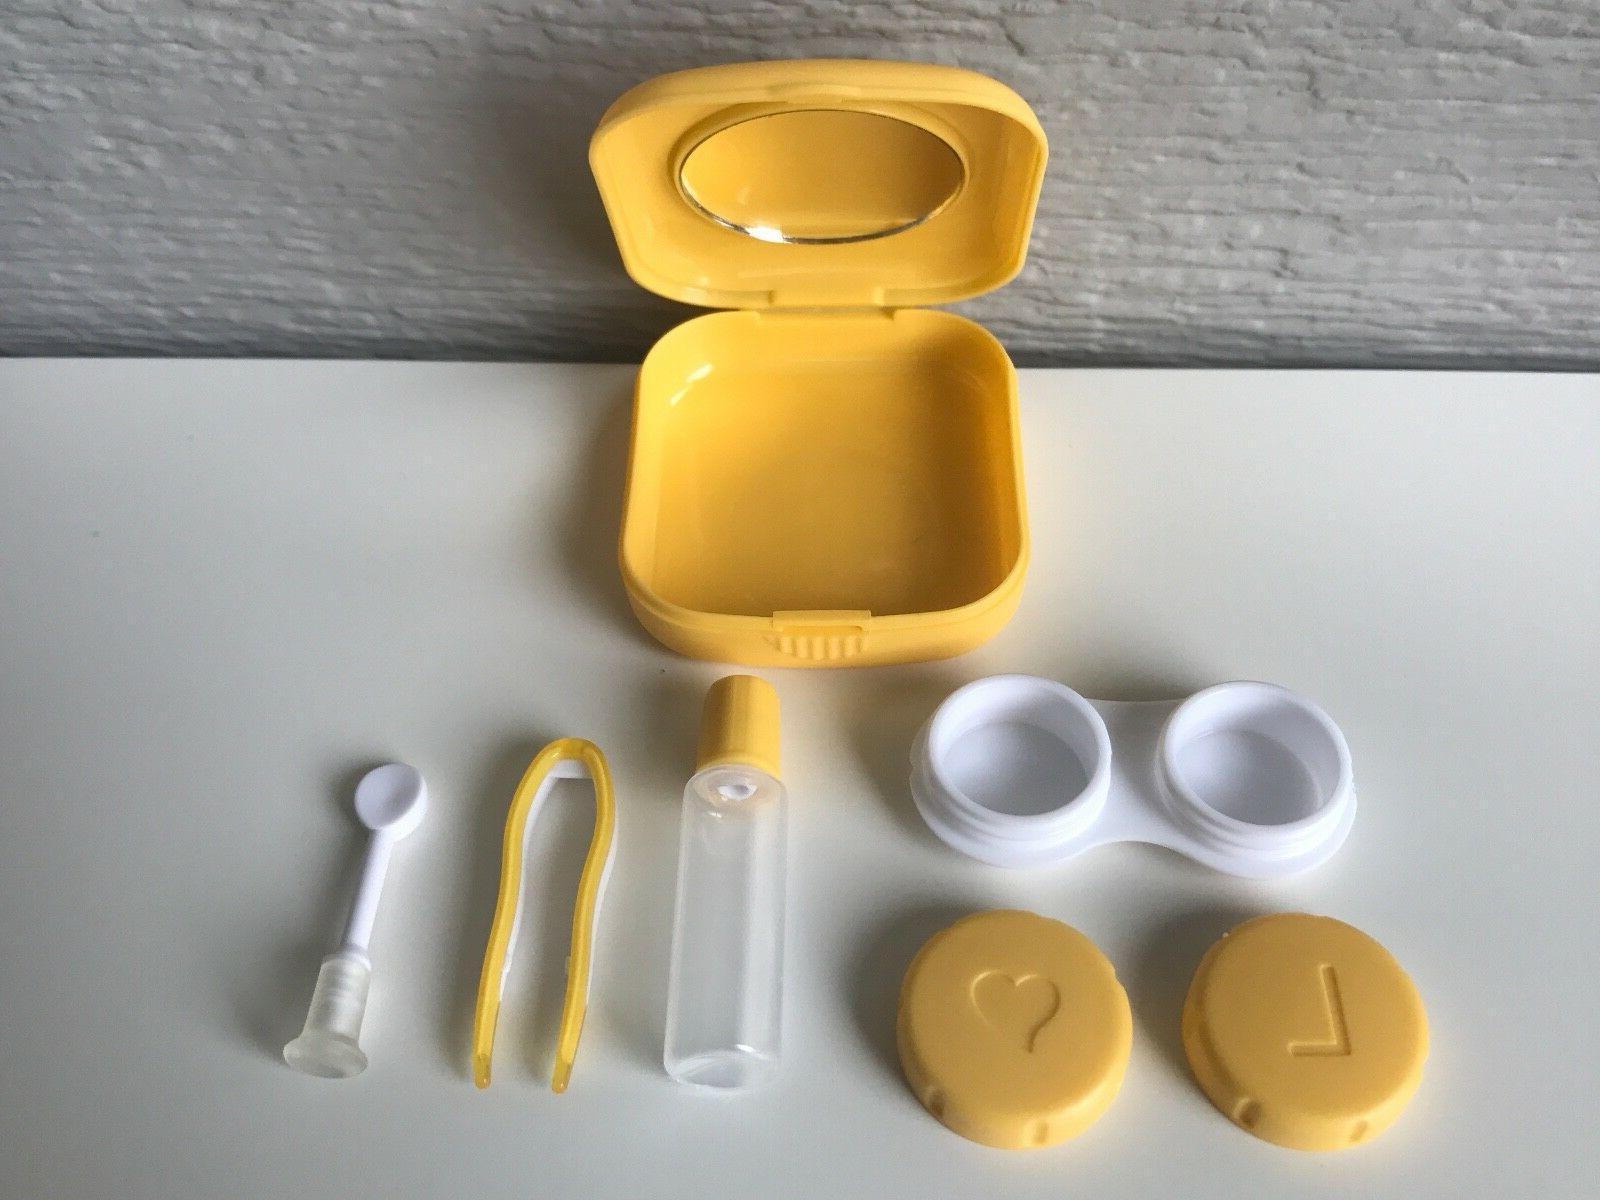 Contact Case Mirror Remover Applicator Tweezers